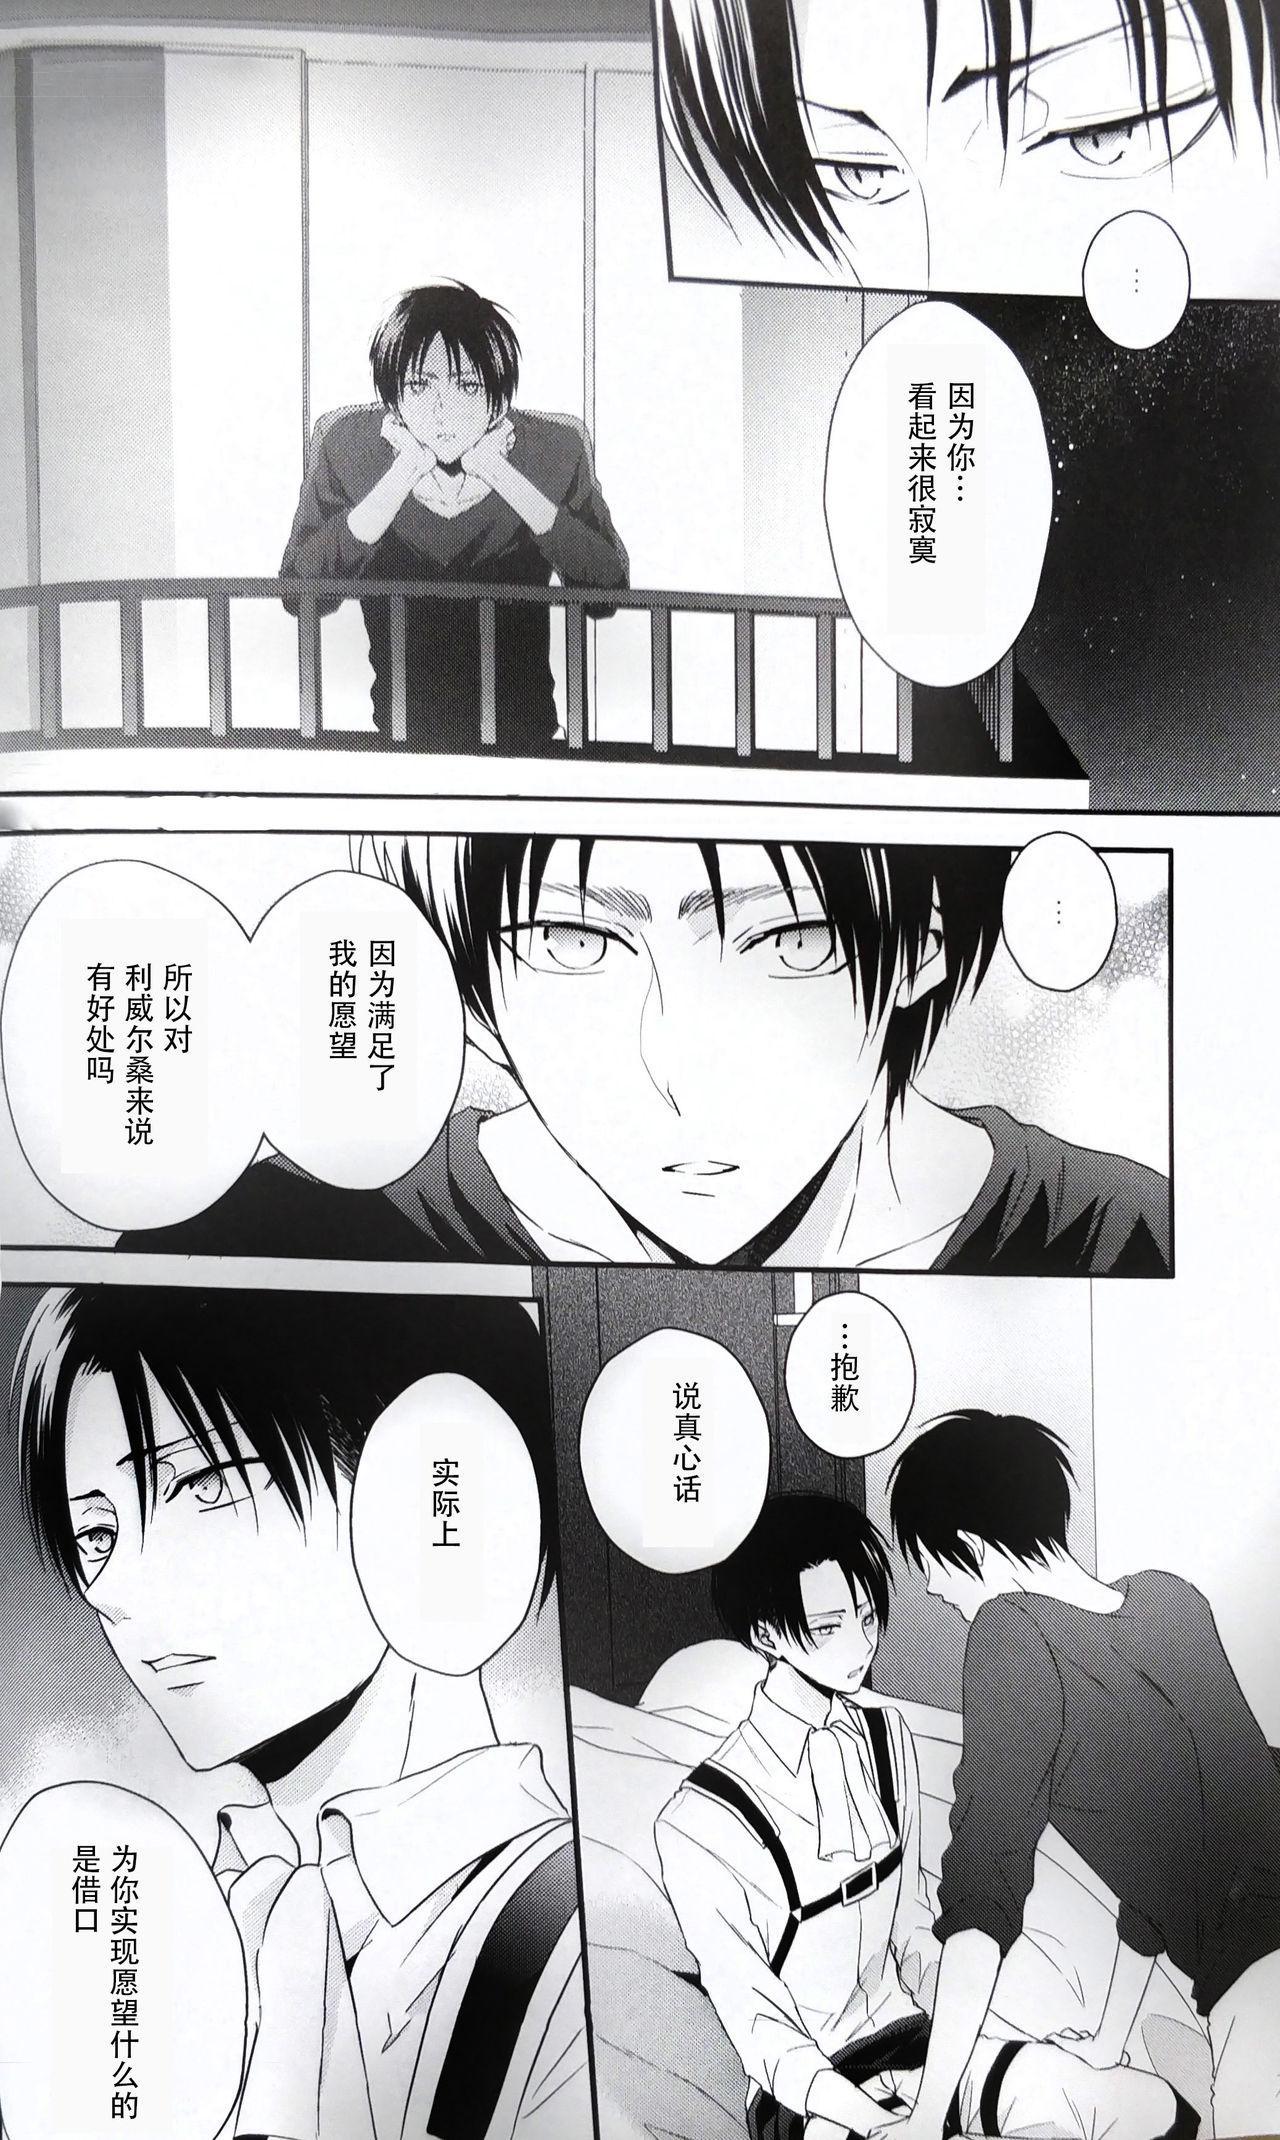 Hoshi e cho ni onegai ~tsu! | 向星兵长许愿! 25